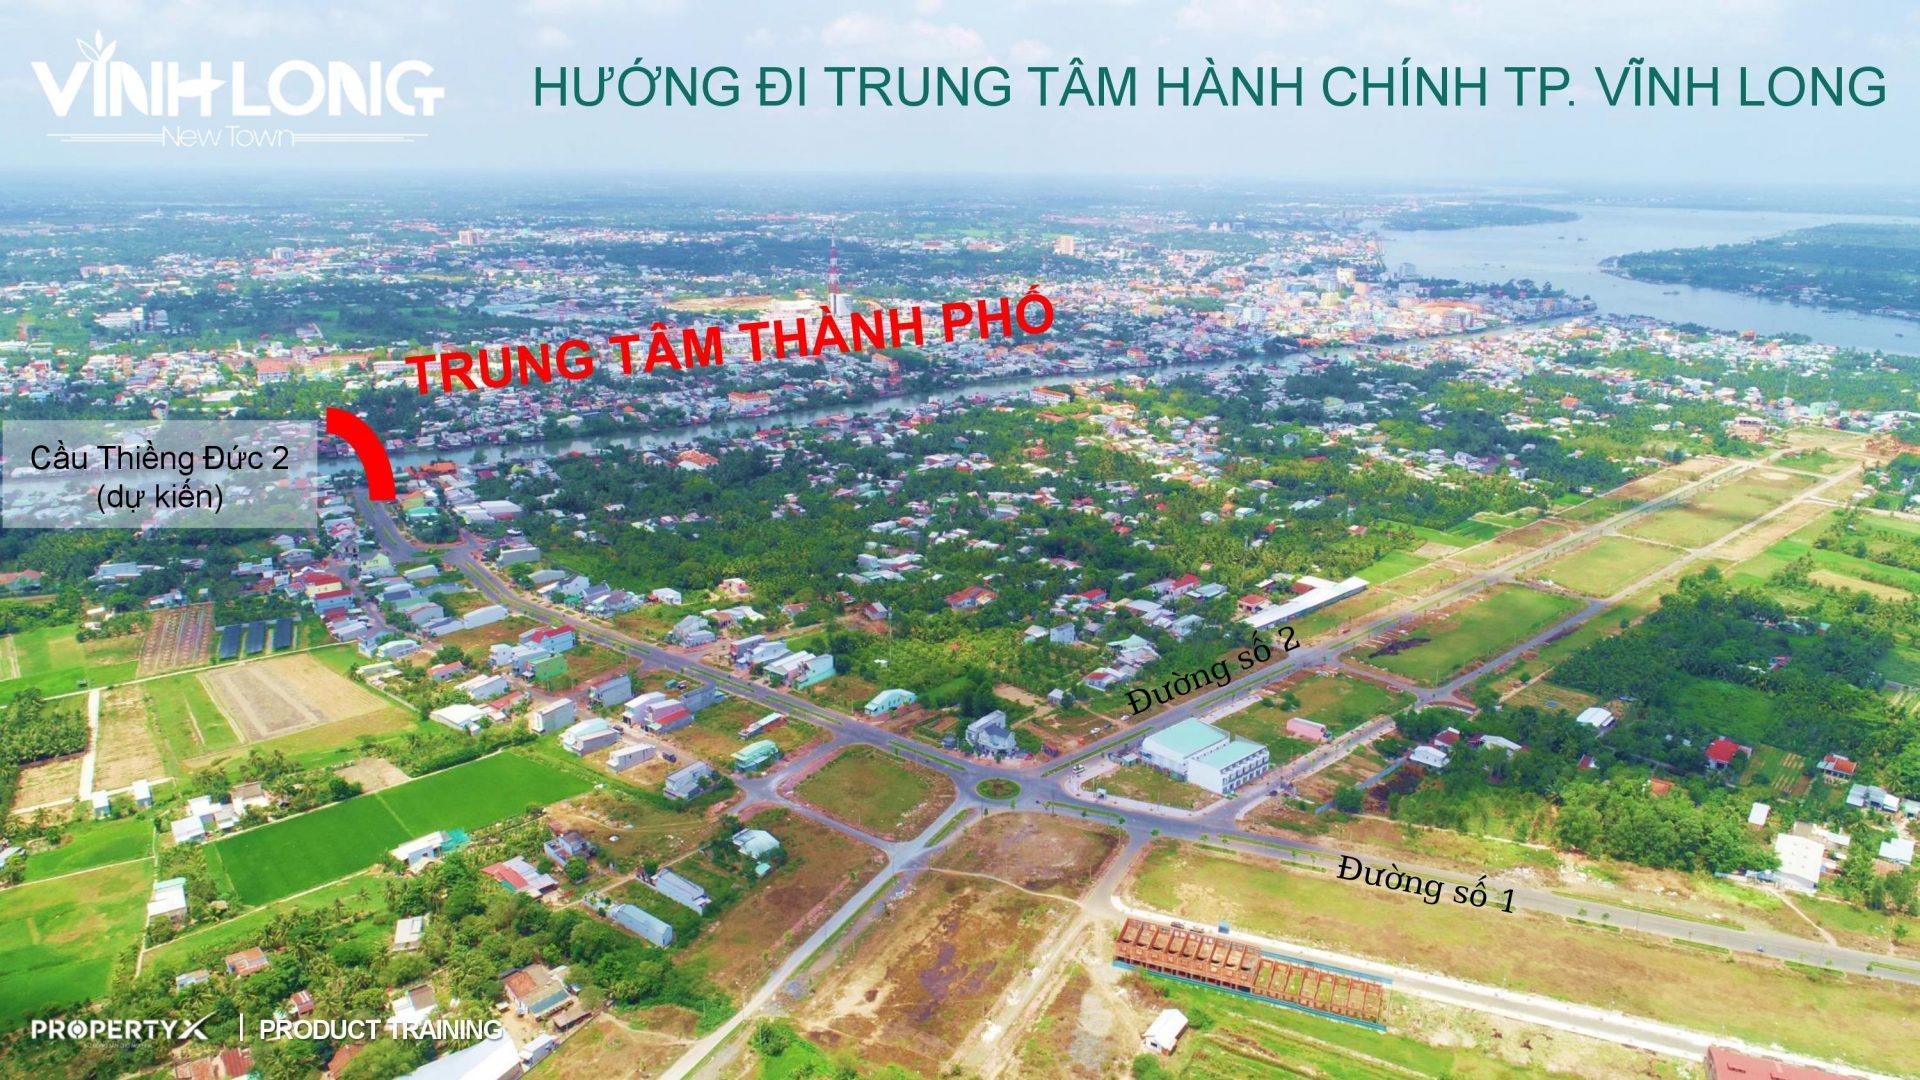 flycam Newtown Vinh Long 2 1 - DỰ ÁN ĐẤT NỀN VĨNH LONG NEW TOWN